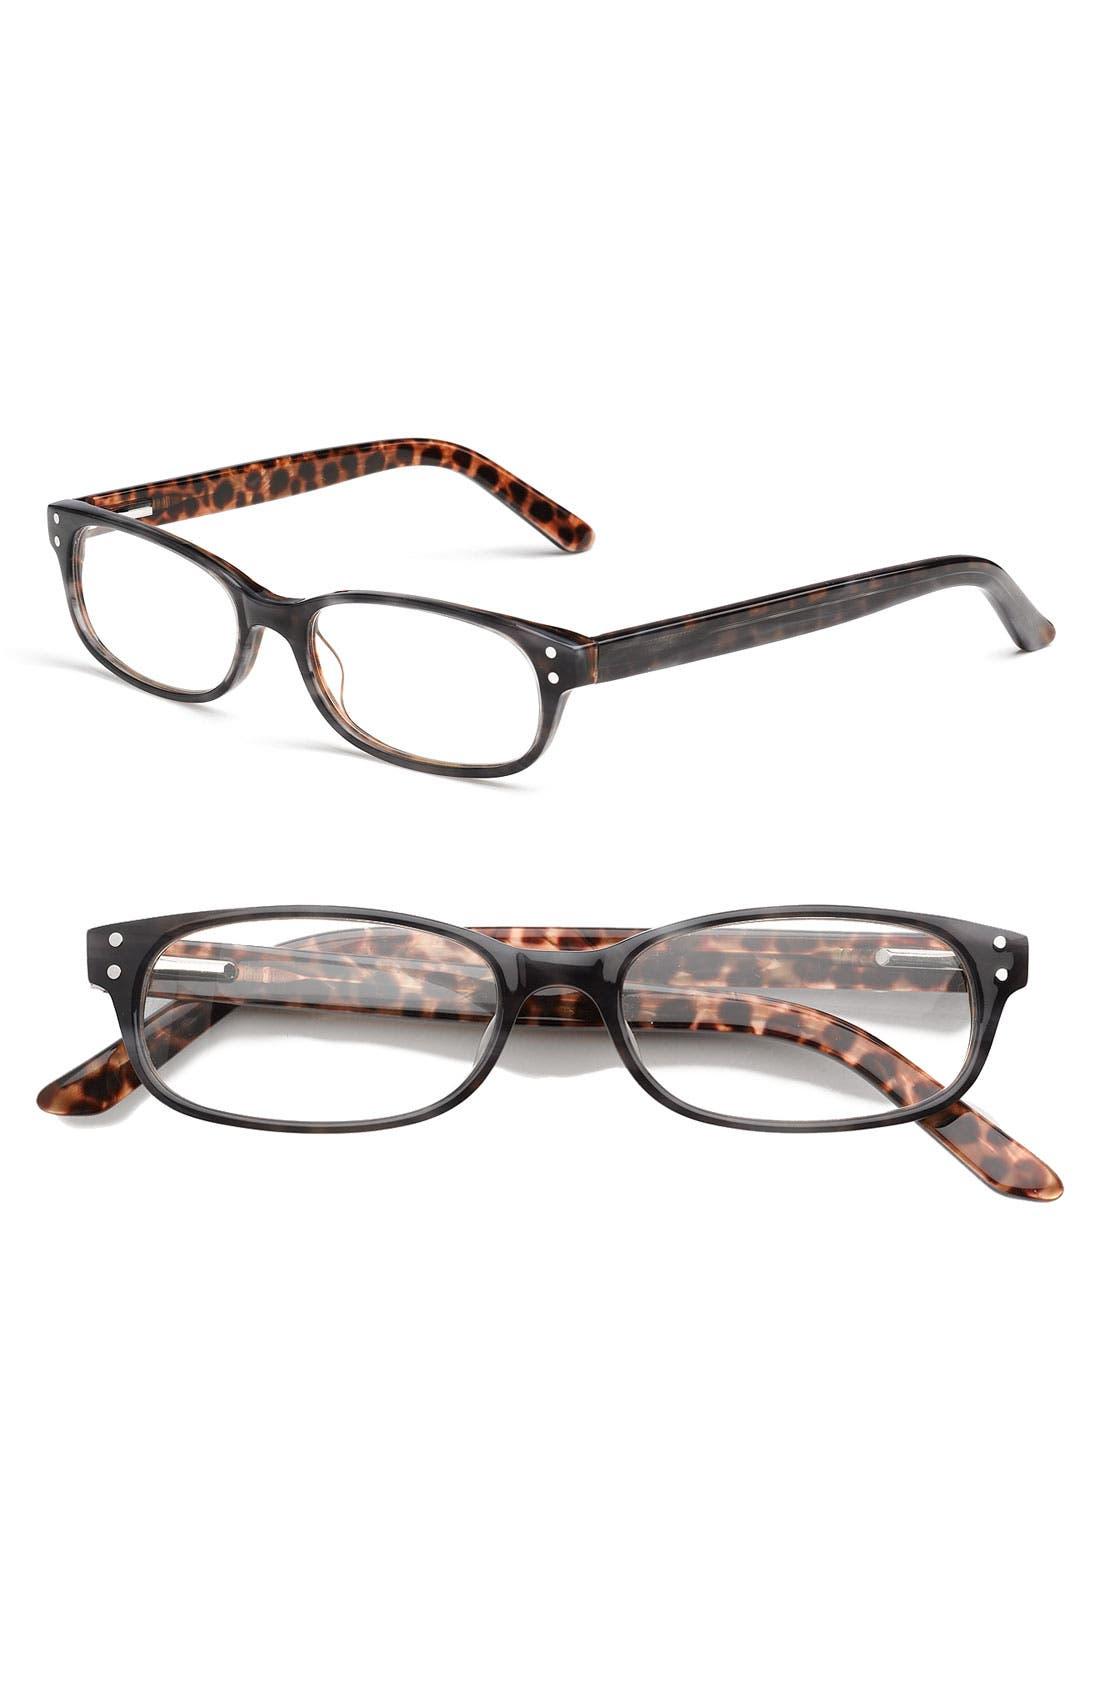 Alternate Image 1 Selected - I Line Eyewear 'Phantom' Reading Glasses